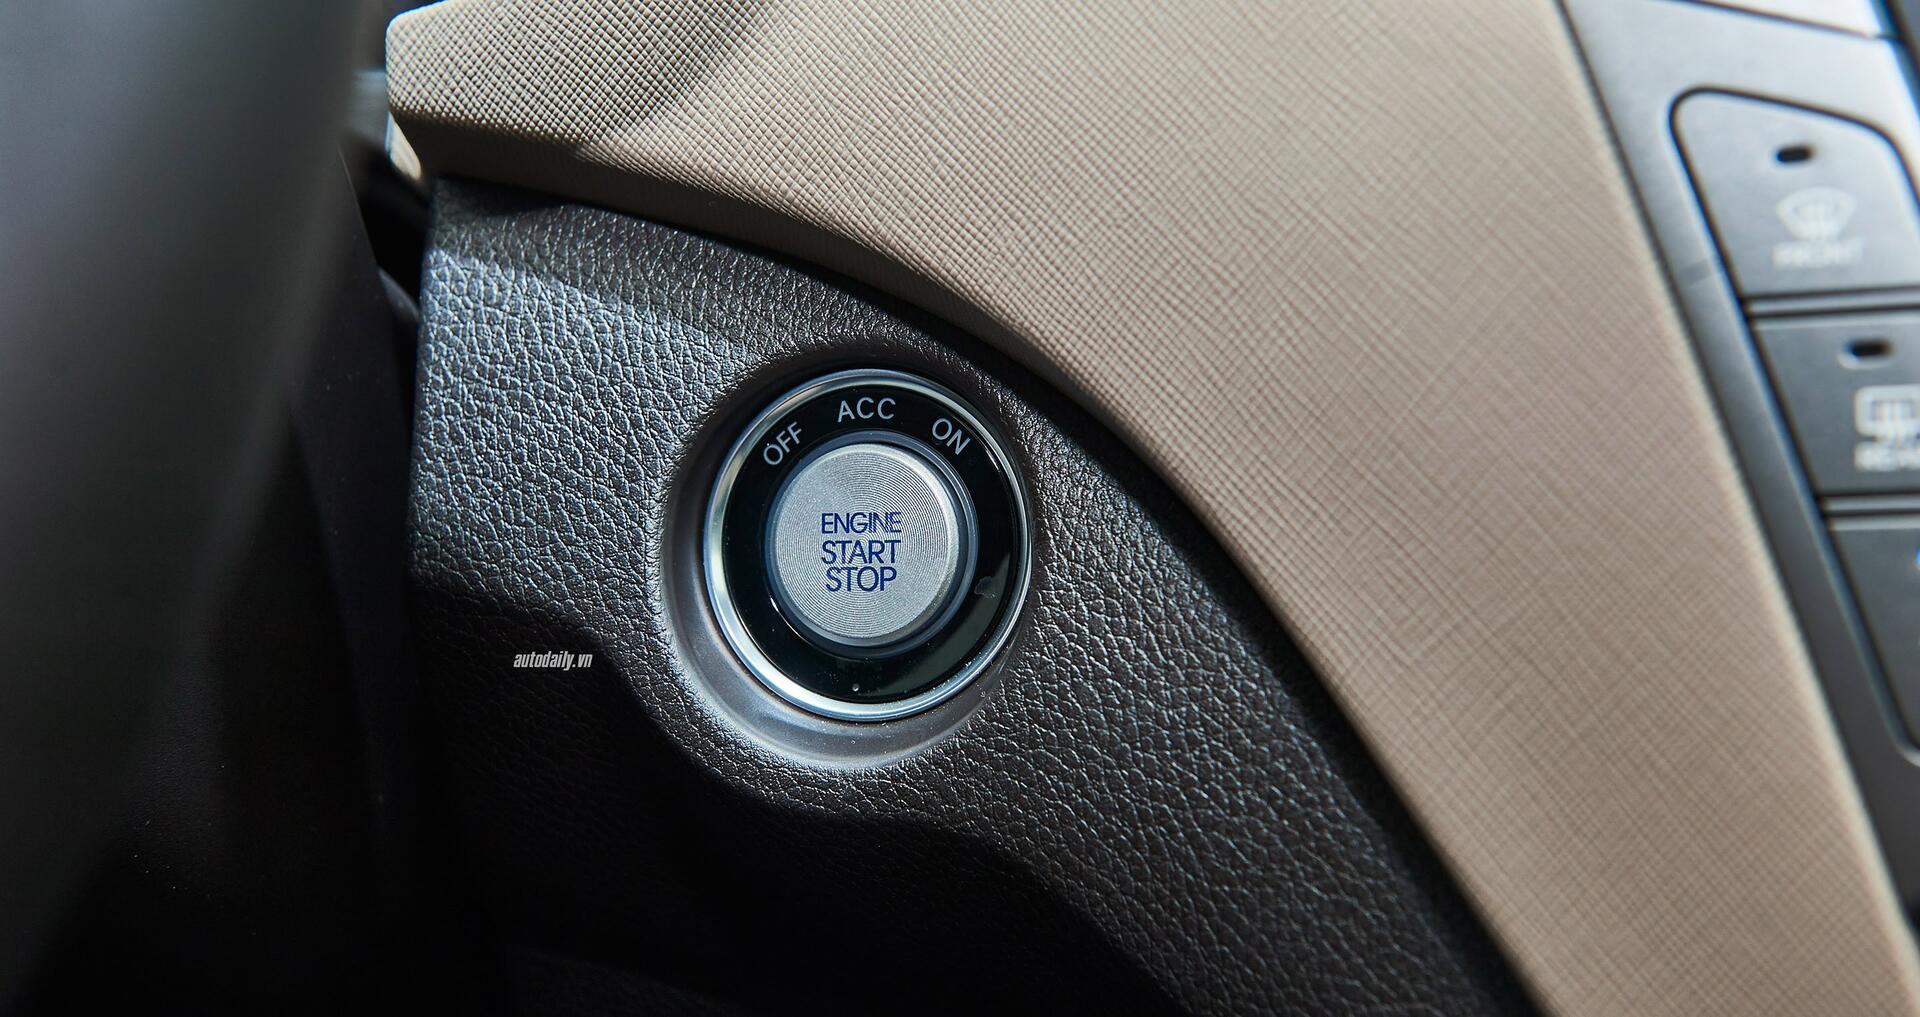 Đánh giá ban đầu về Hyundai SantaFe 2016 phiên bản máy dầu - Hình 6